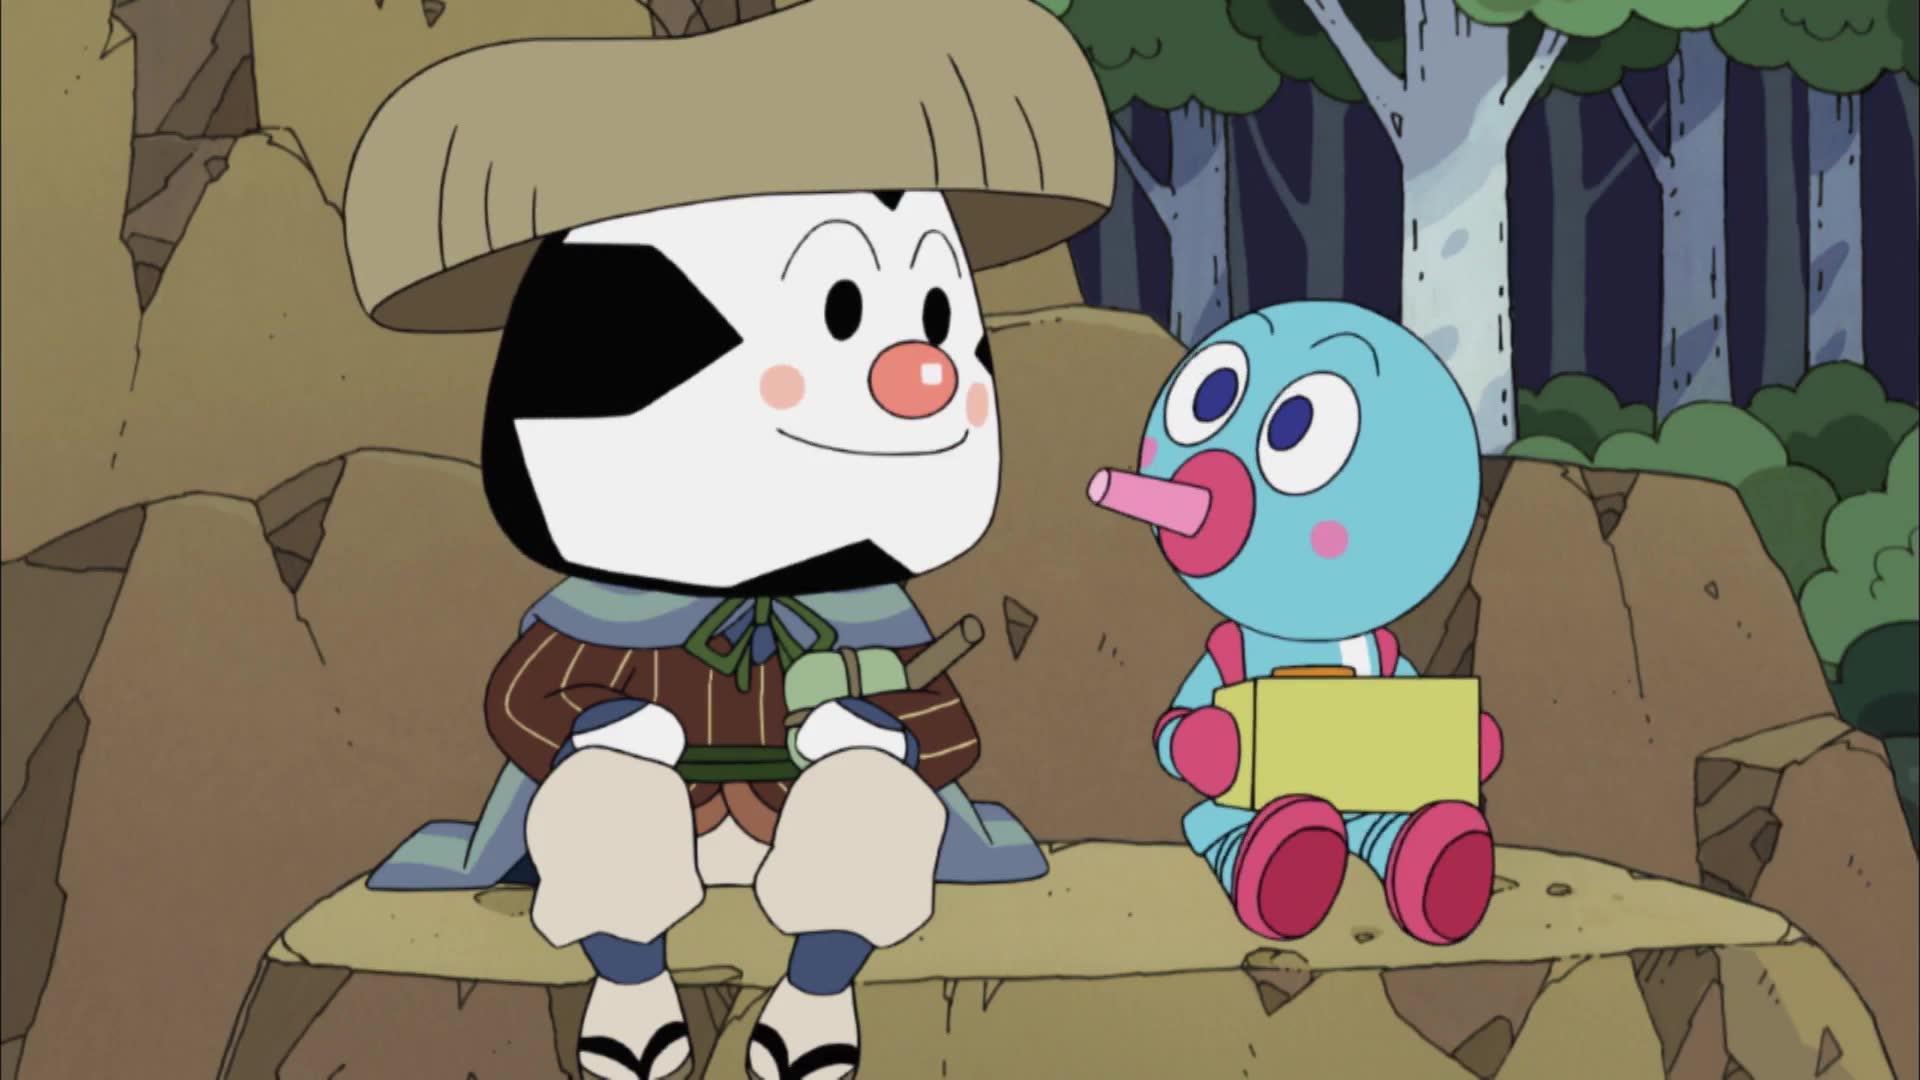 5화 주먹밥맨과 유리구슬소년